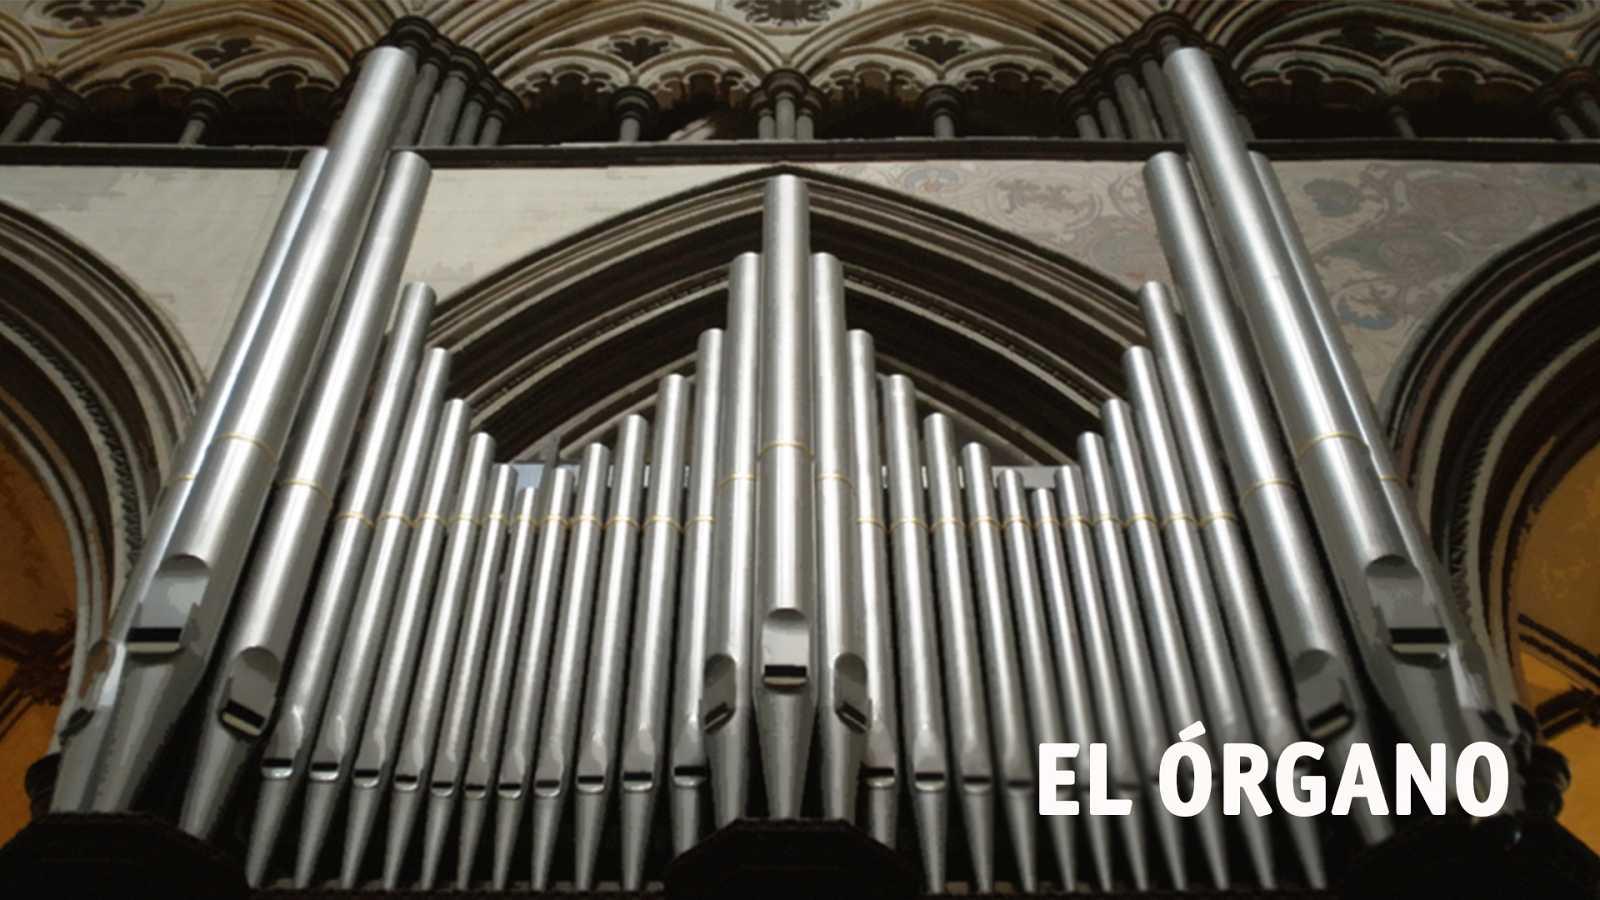 El órgano - Don Hilarión Eslava (II) - 05/03/17 - escuchar ahora